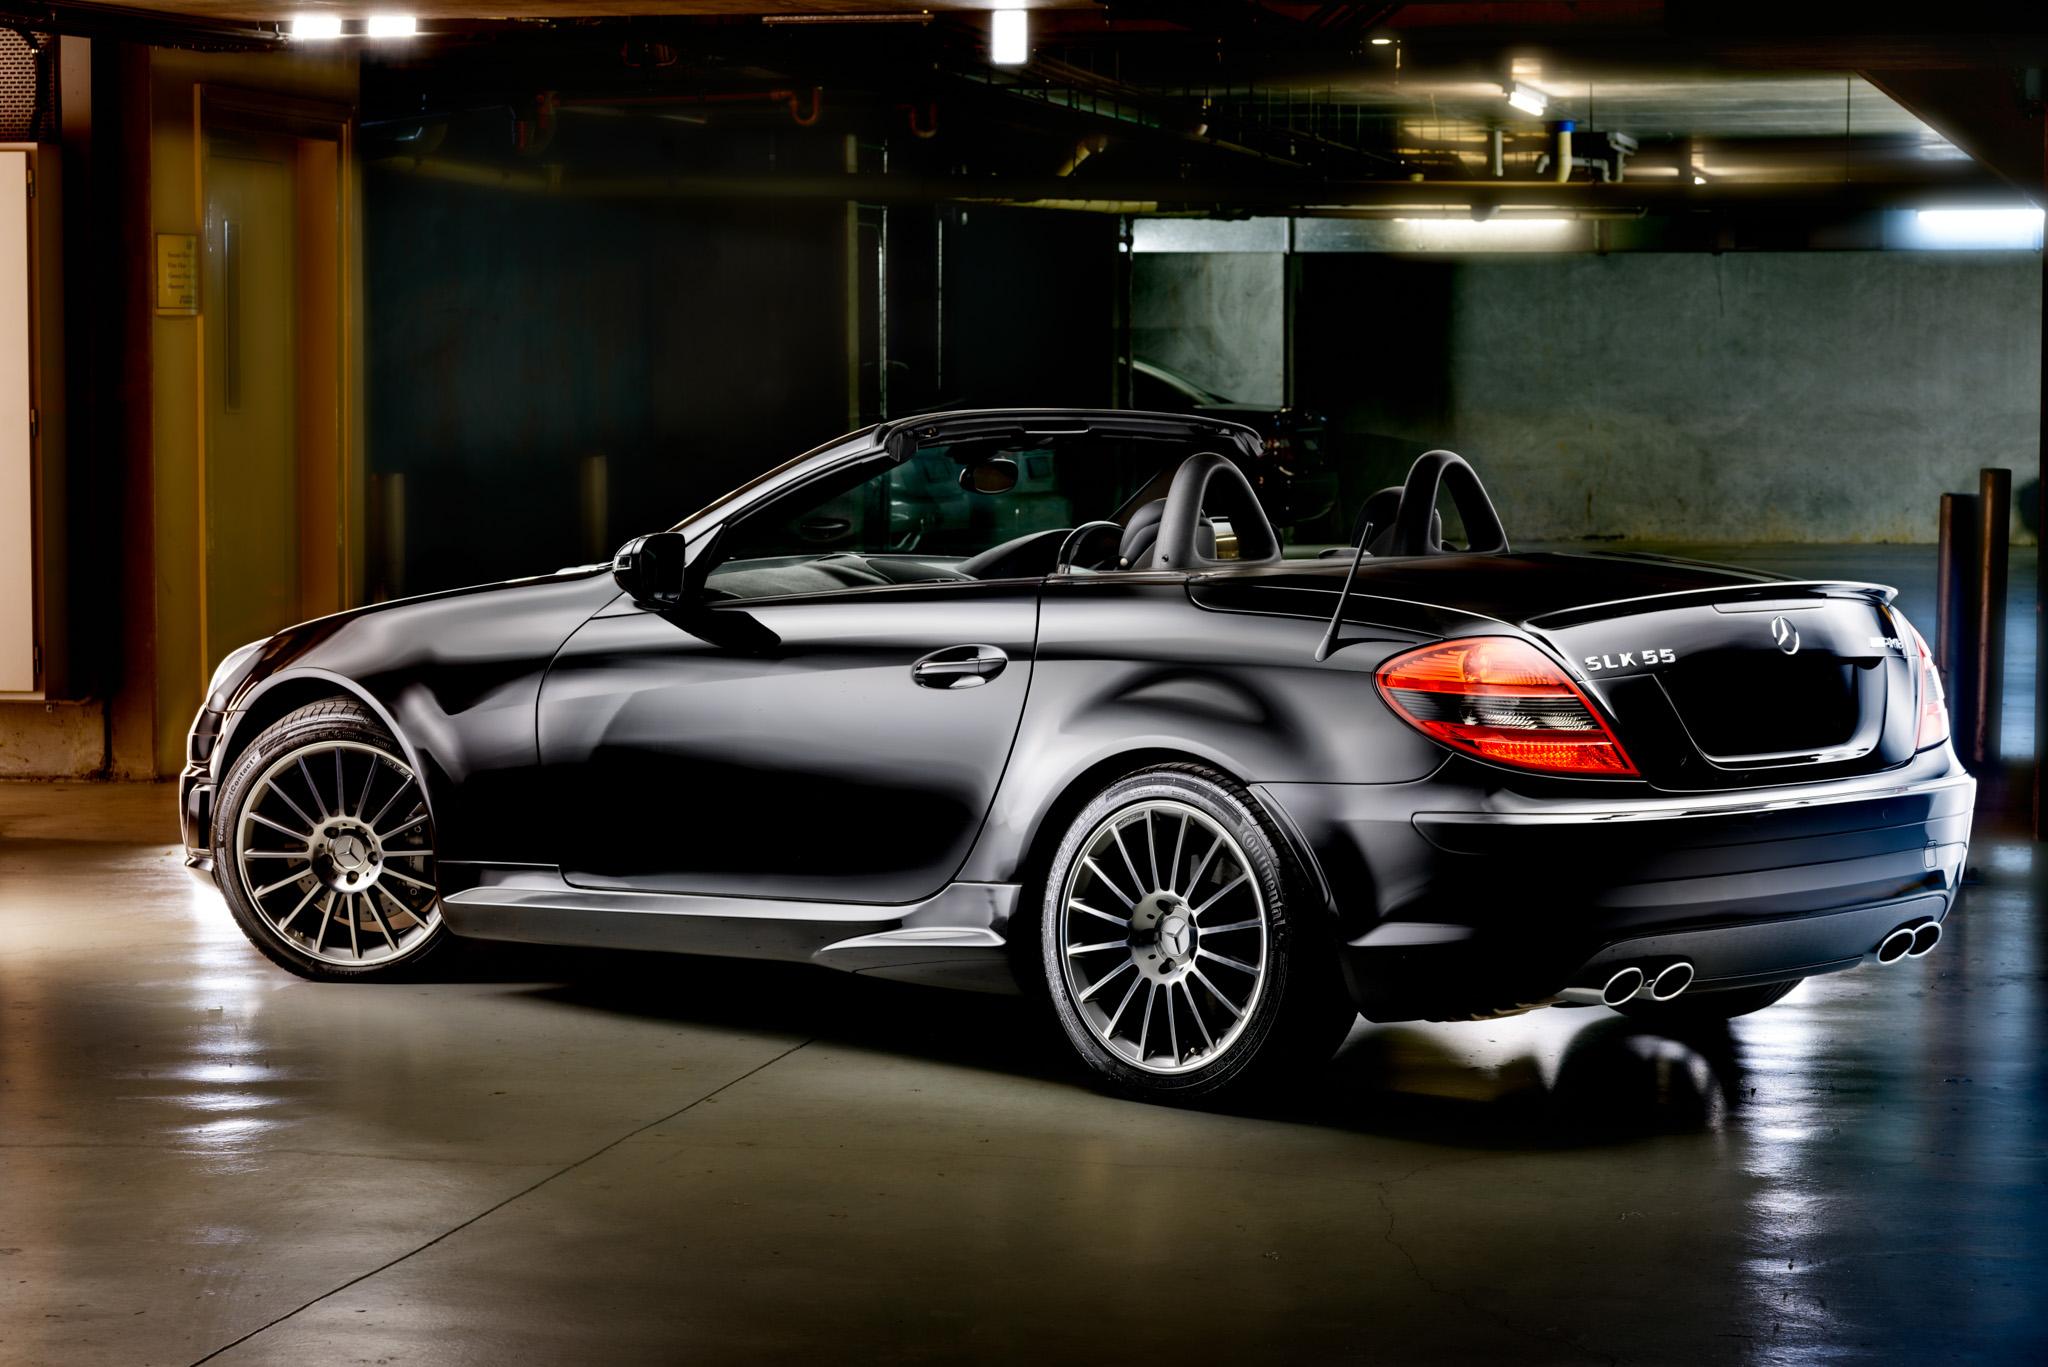 Light Painting - Mercedes SLK 55 AMG black